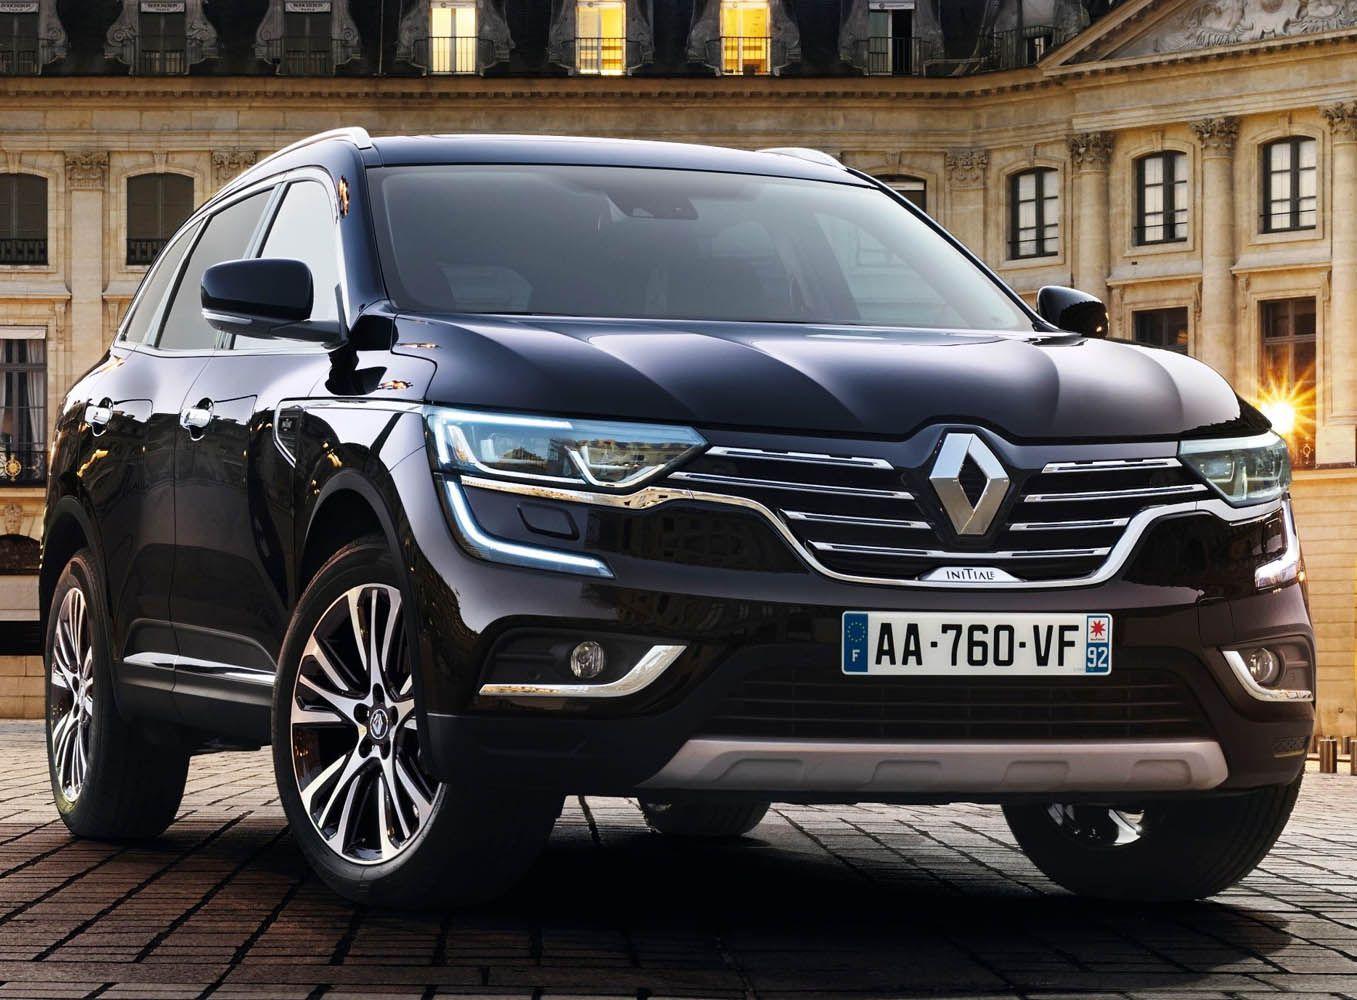 رينو كوليوس كروس أوفر أنيقة بنكهة فرنسية مميزة موقع ويلز Cars Uk Renault New Cars